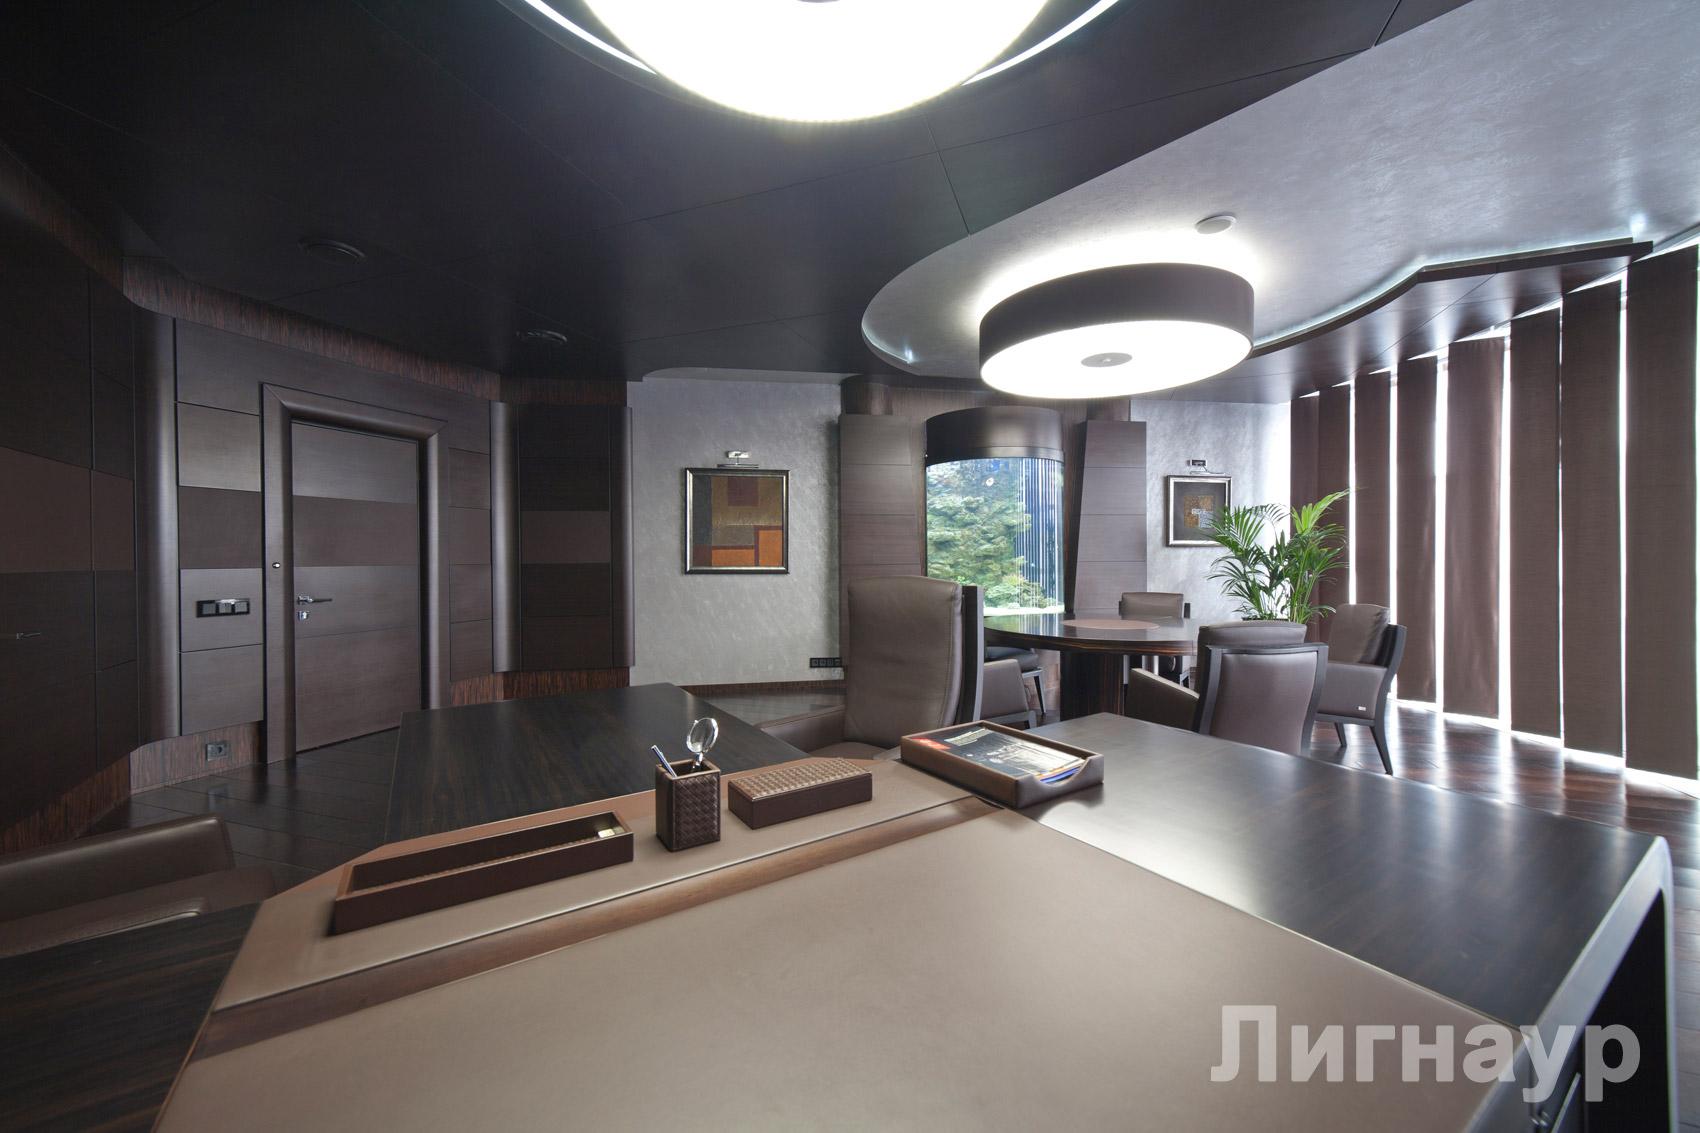 Мебель офис дизайн